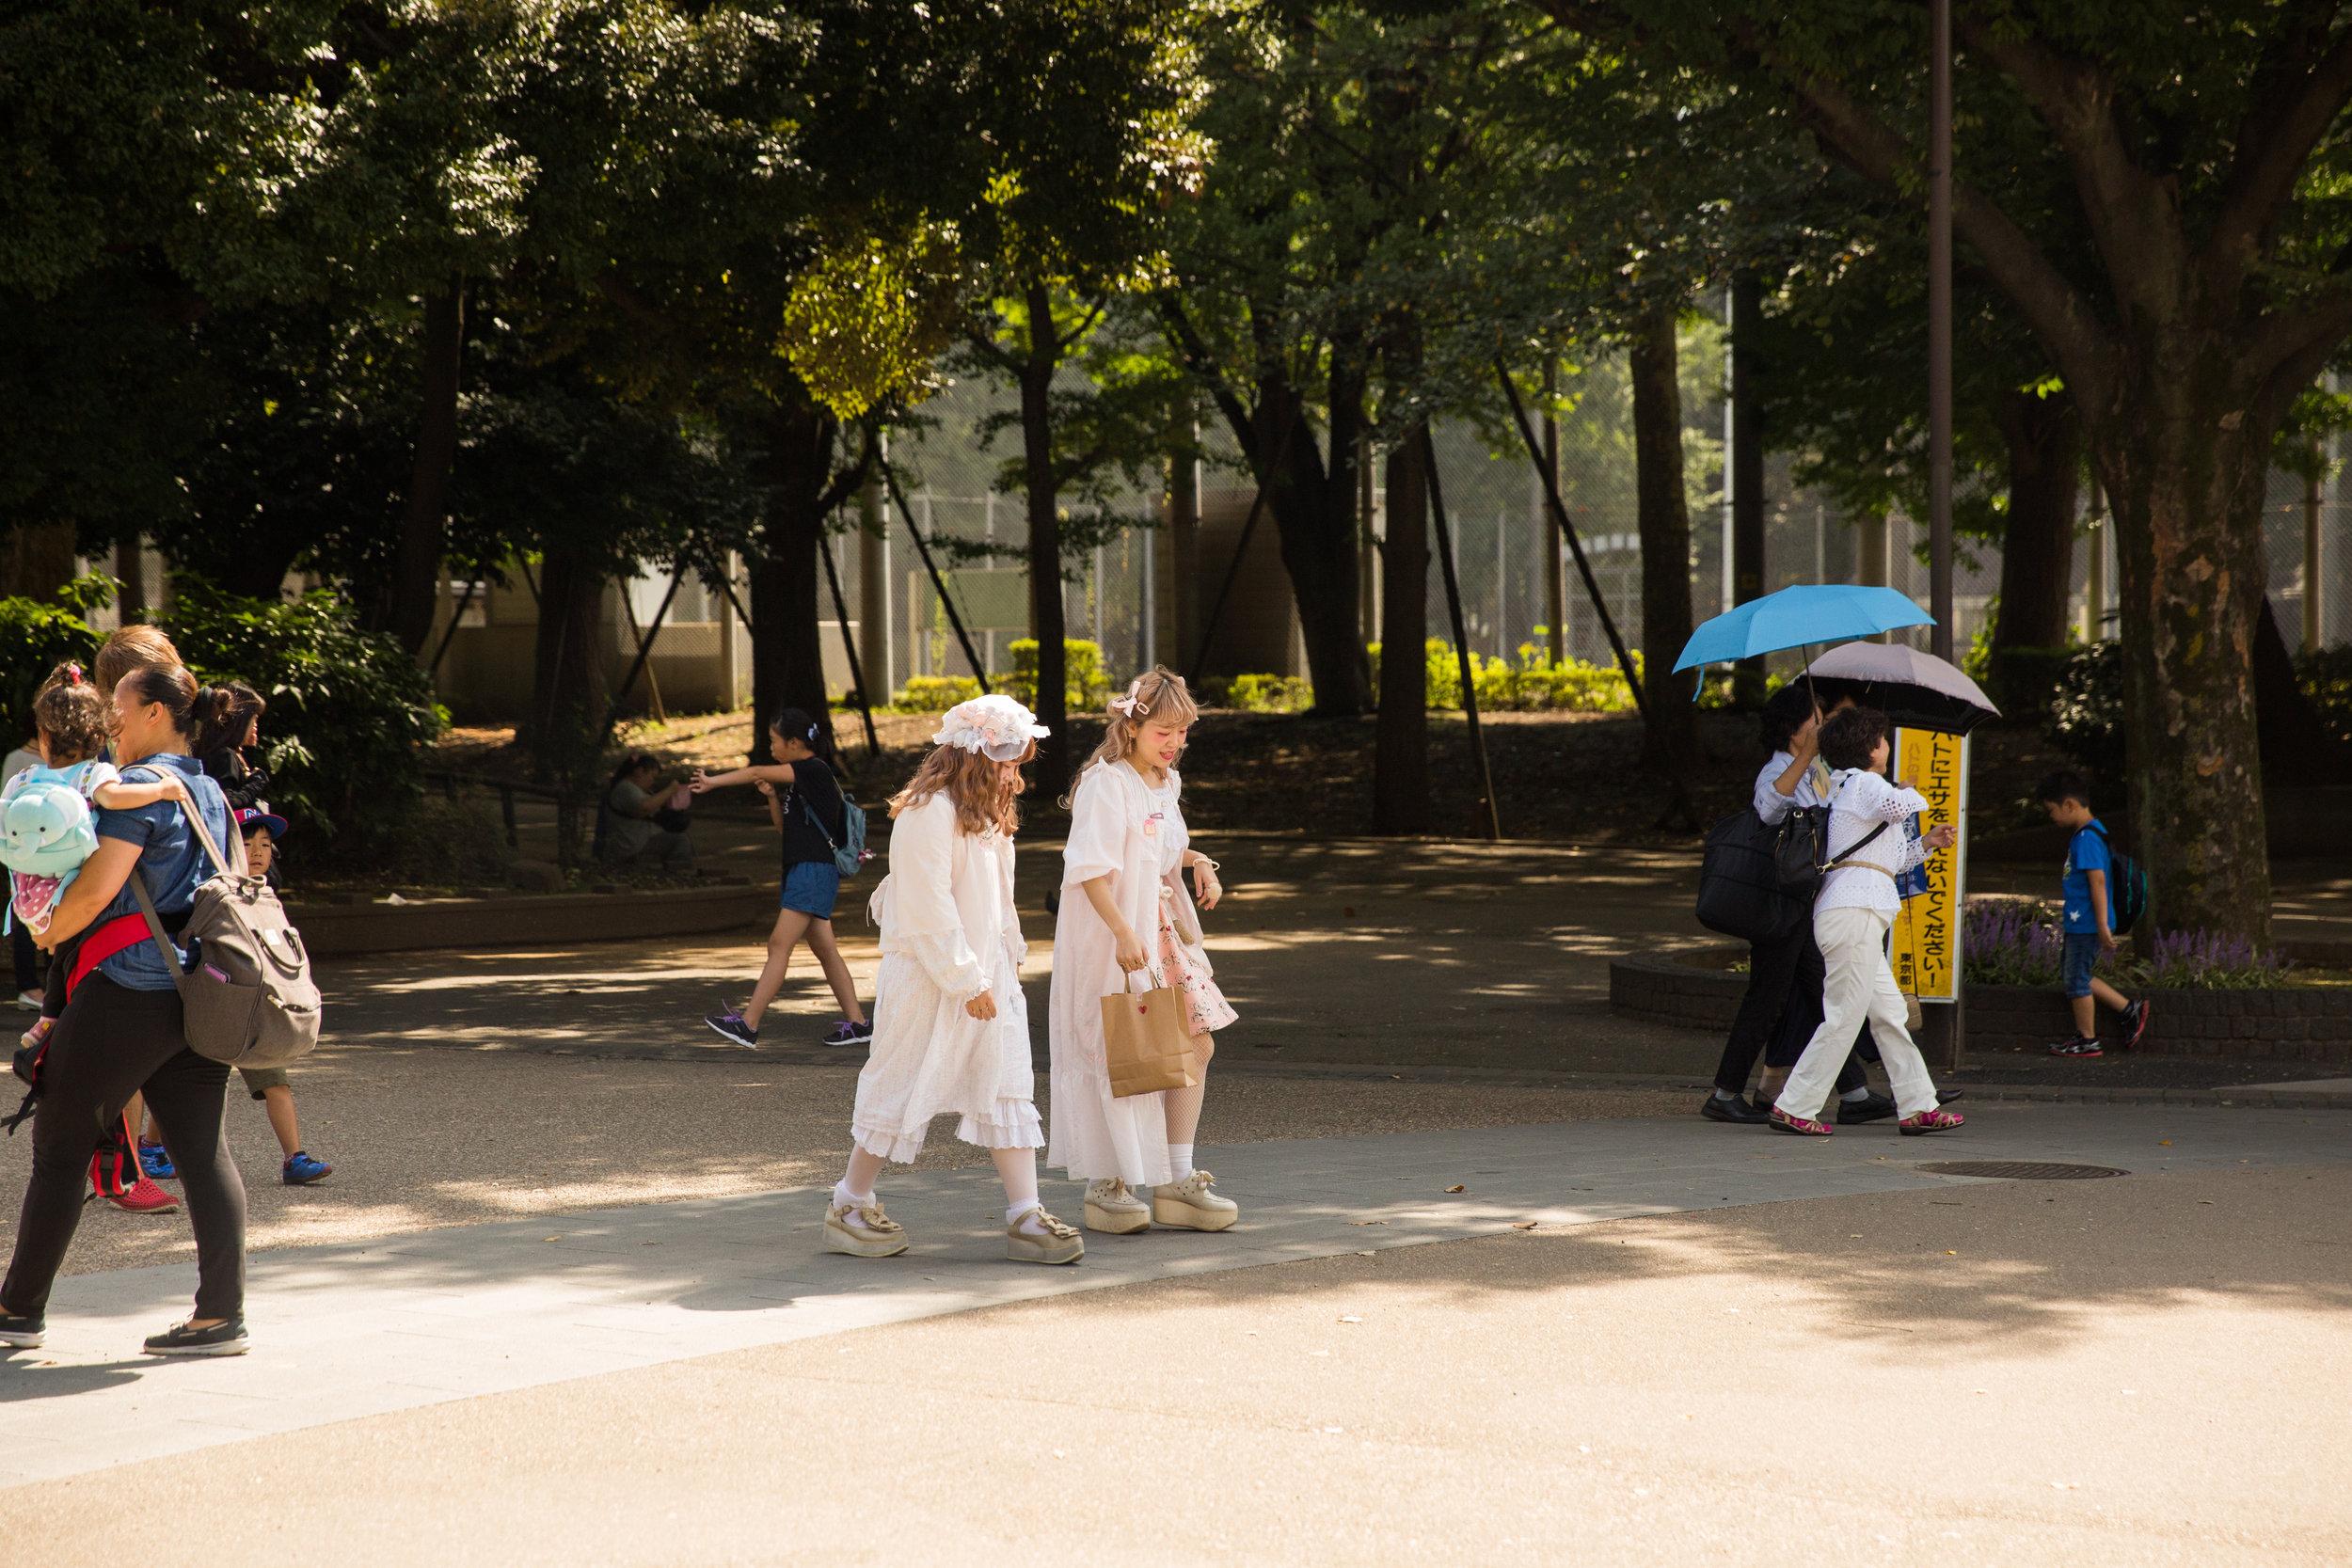 Sweet Lolita fashionistas on a stroll.